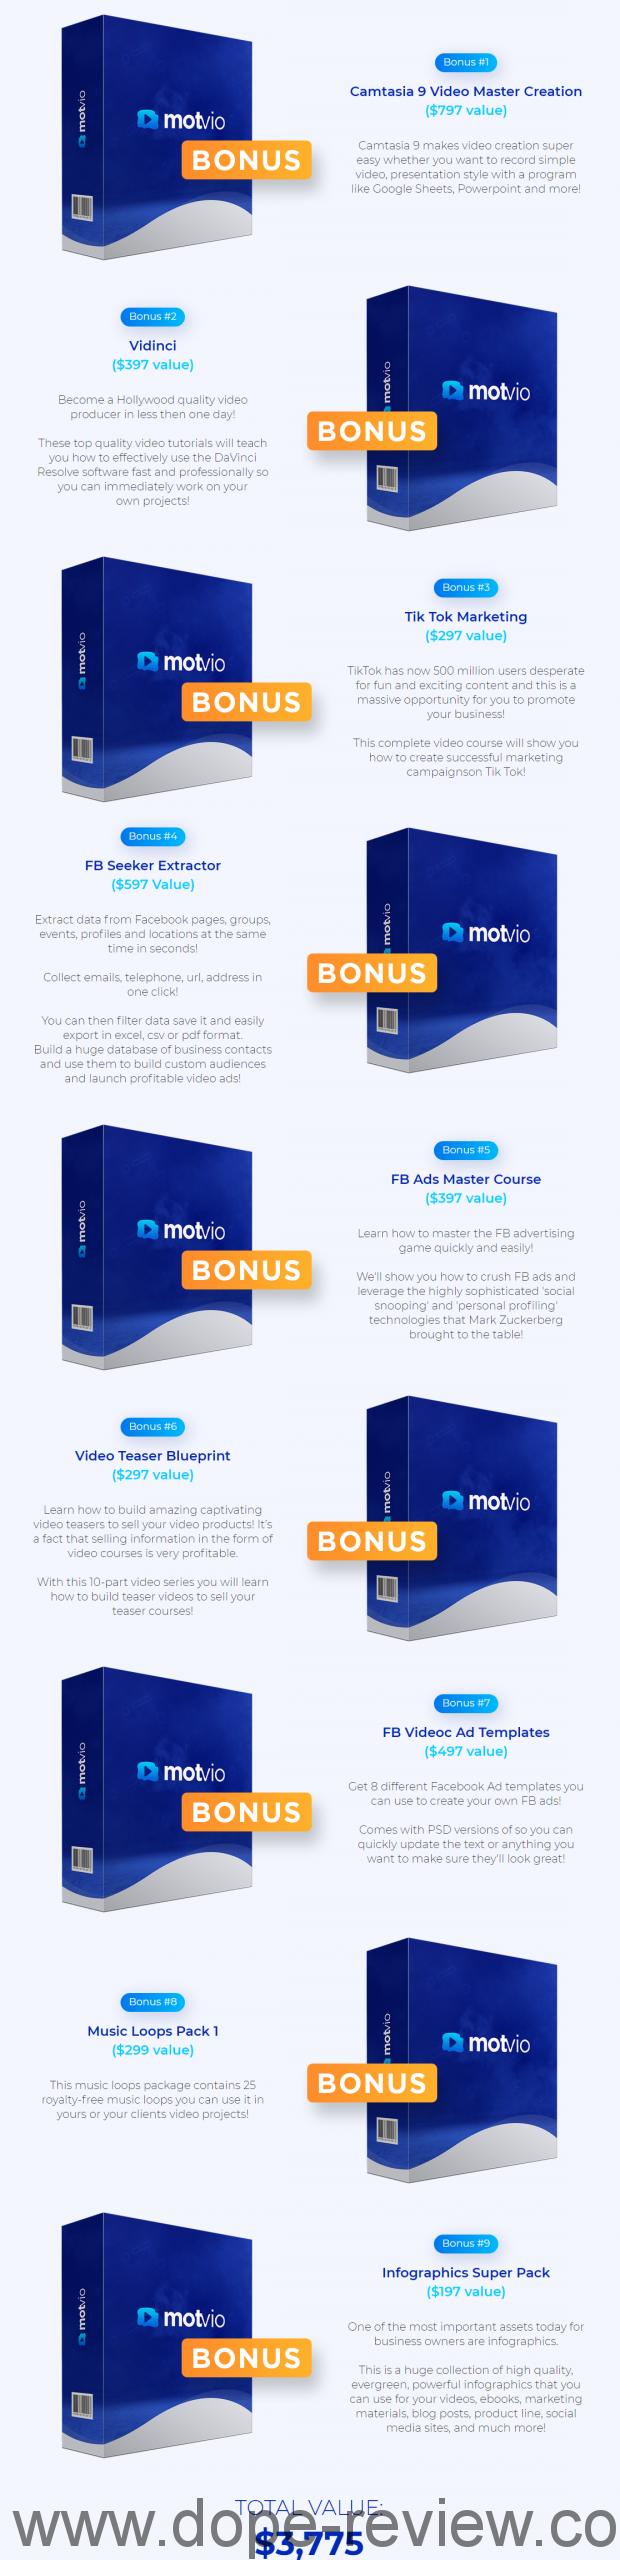 Motvio Bonus